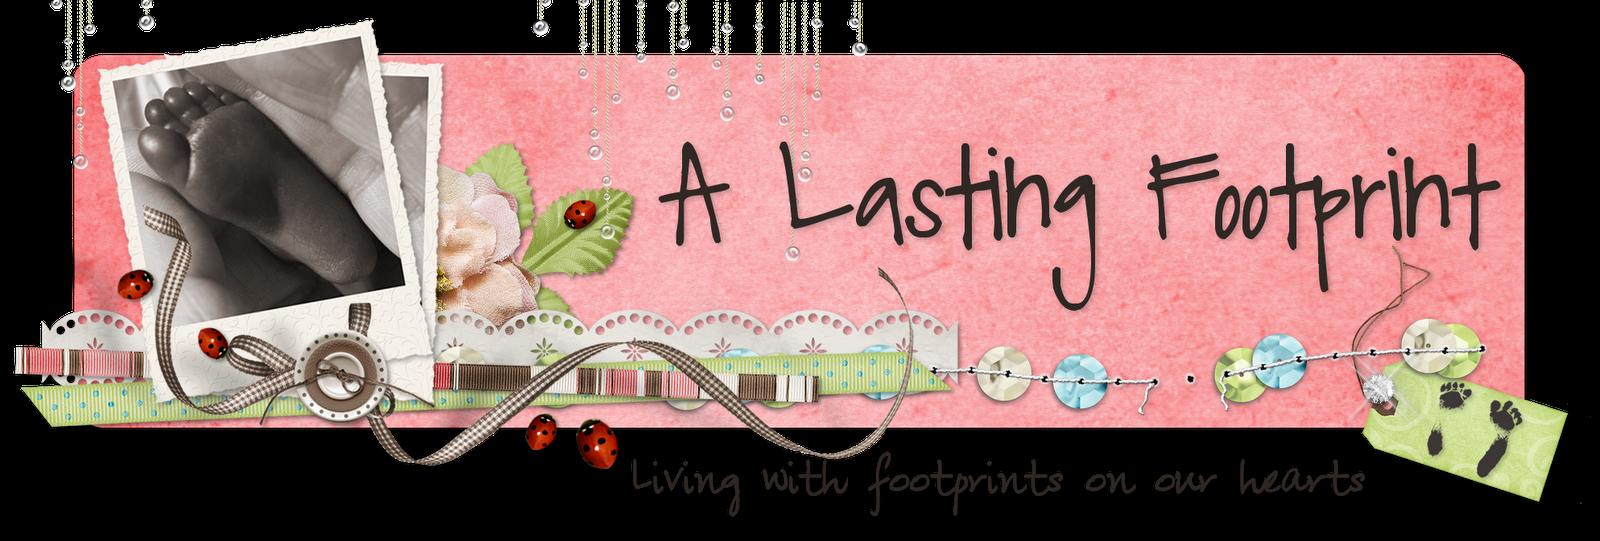 A Lasting Footprint